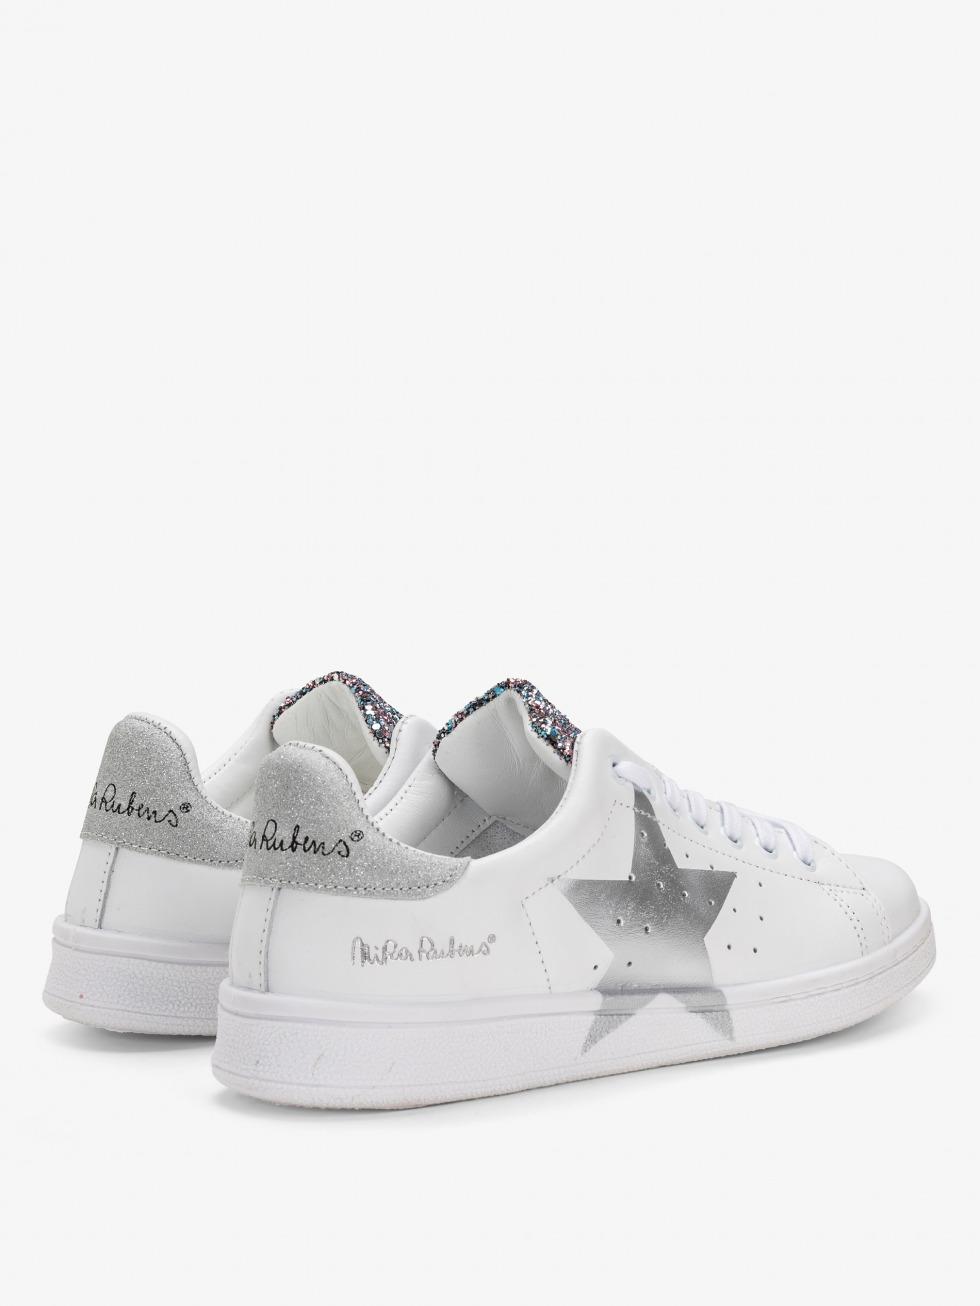 Daiquiri Sneakers - Shiny Silver Star